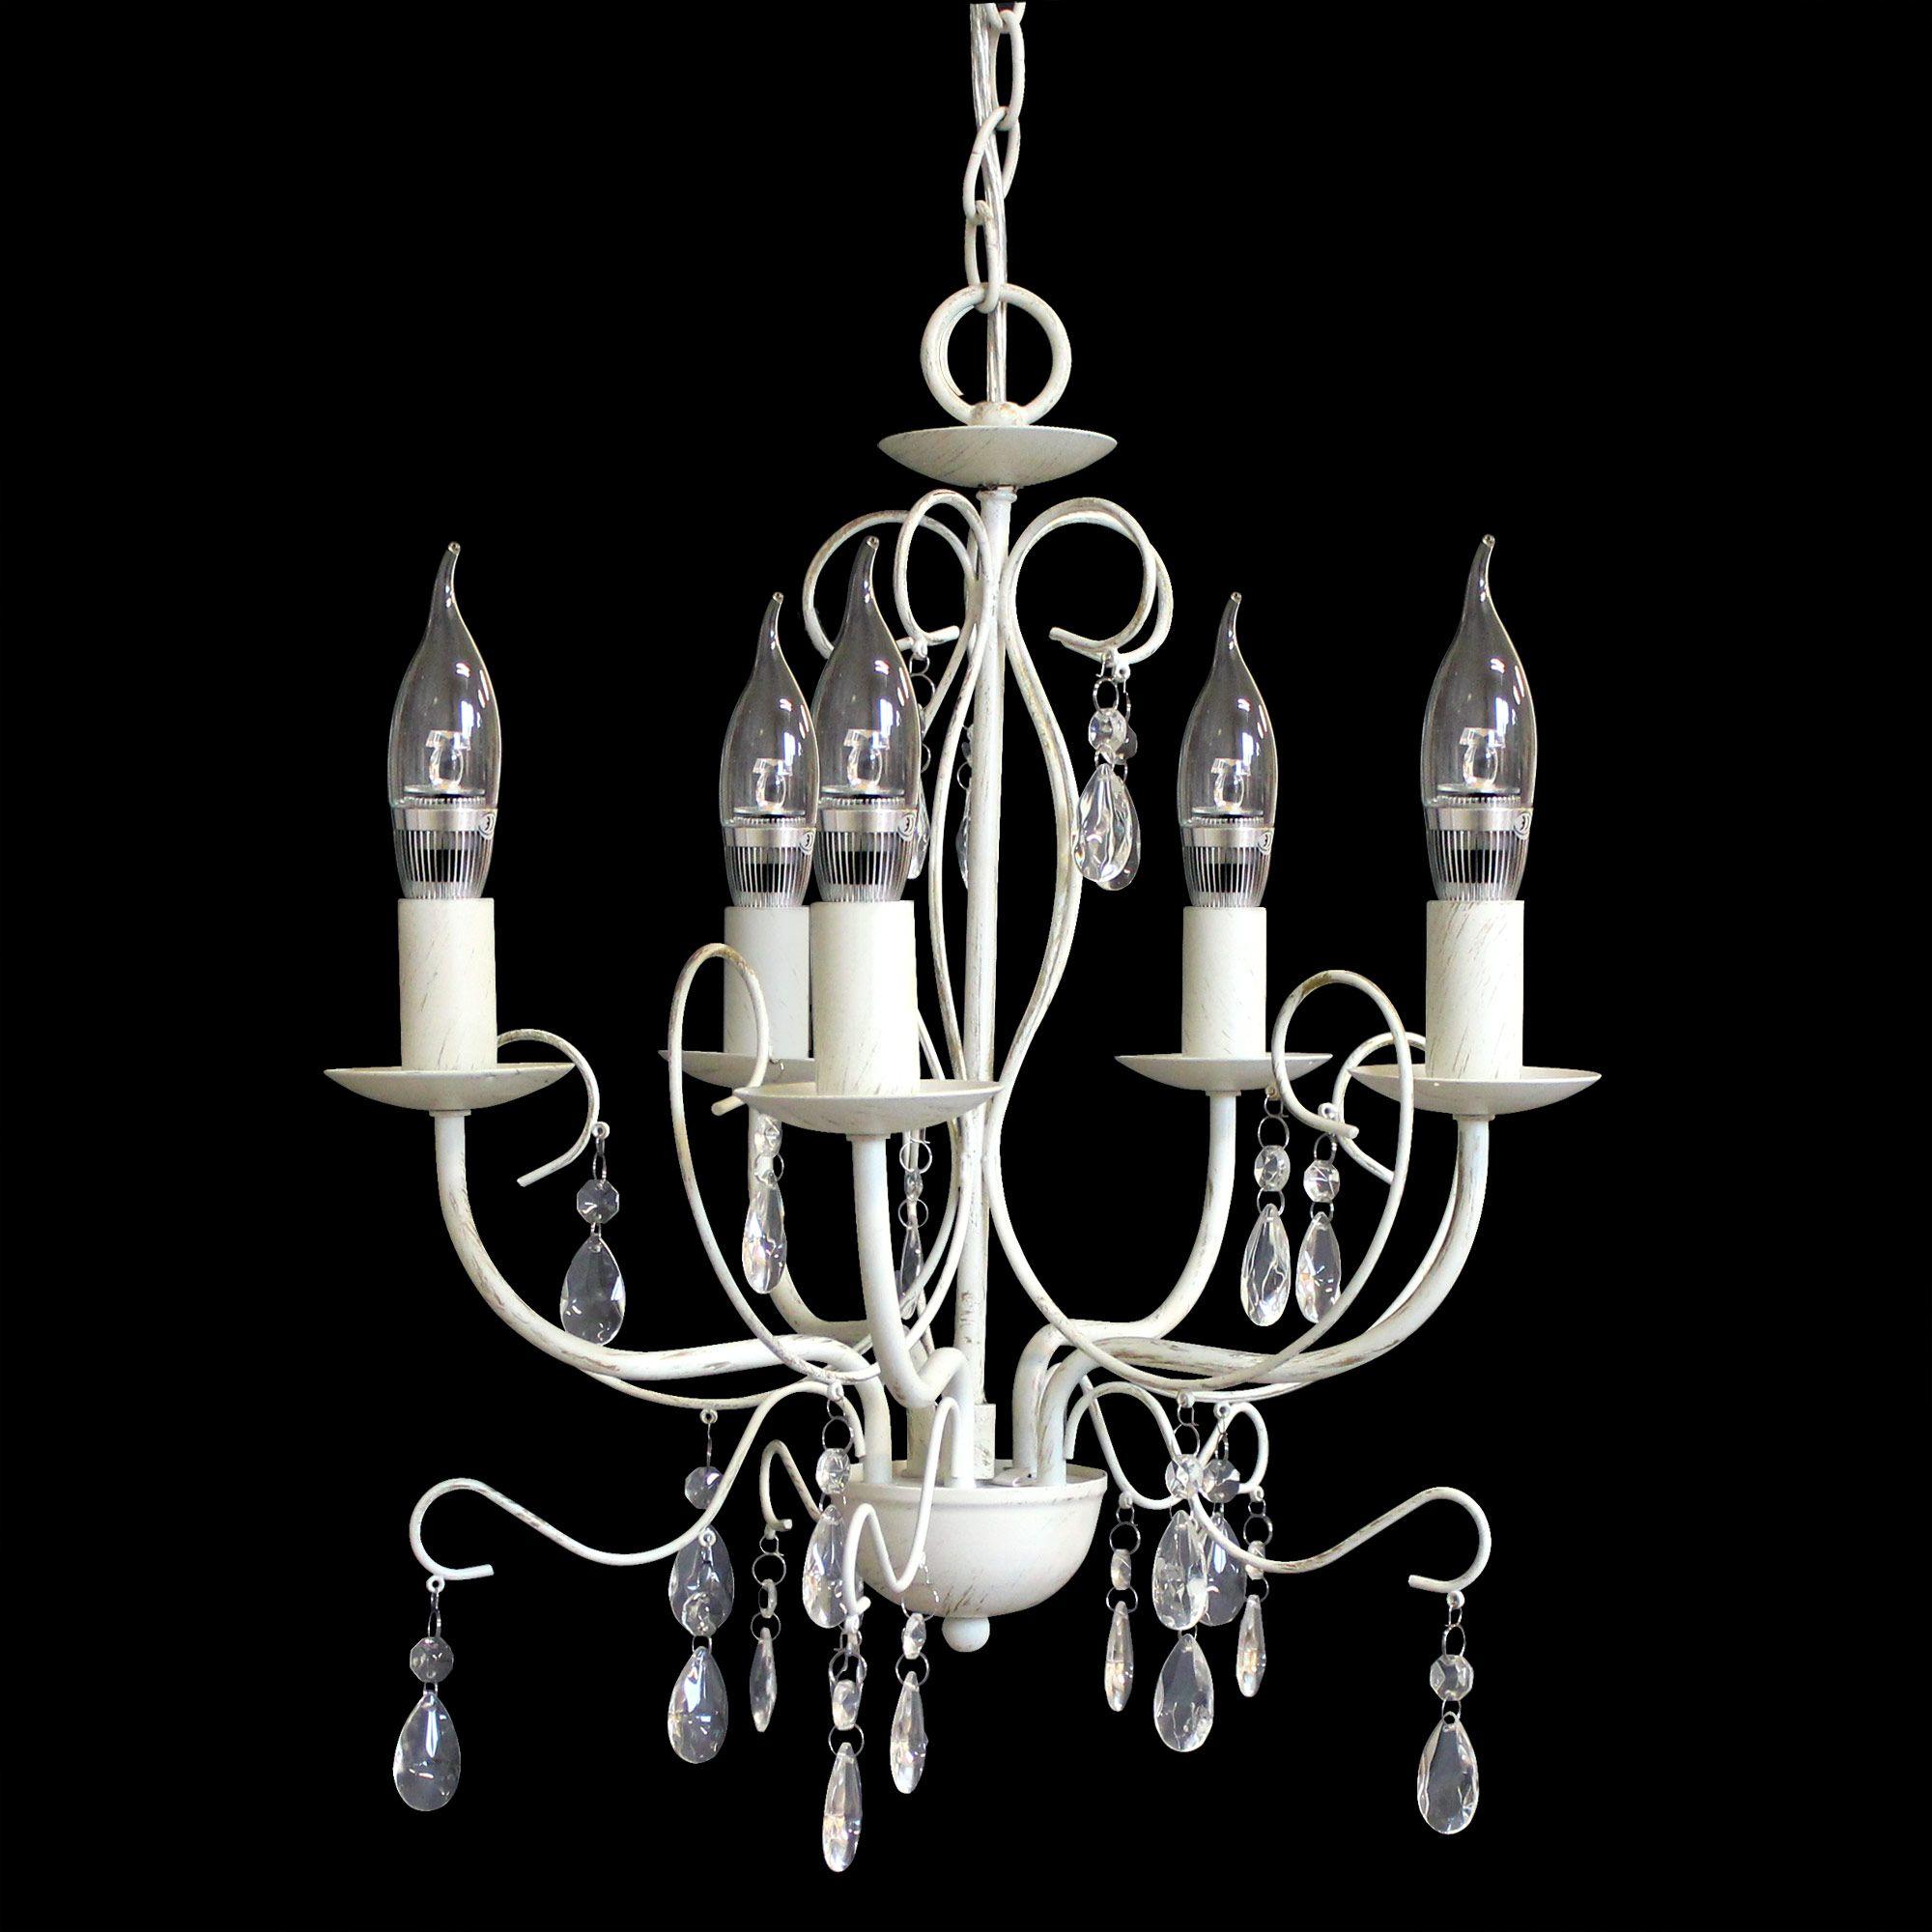 moderne decken leuchte h ngeleuchte kronleuchter l ster lampe pendel ebay. Black Bedroom Furniture Sets. Home Design Ideas